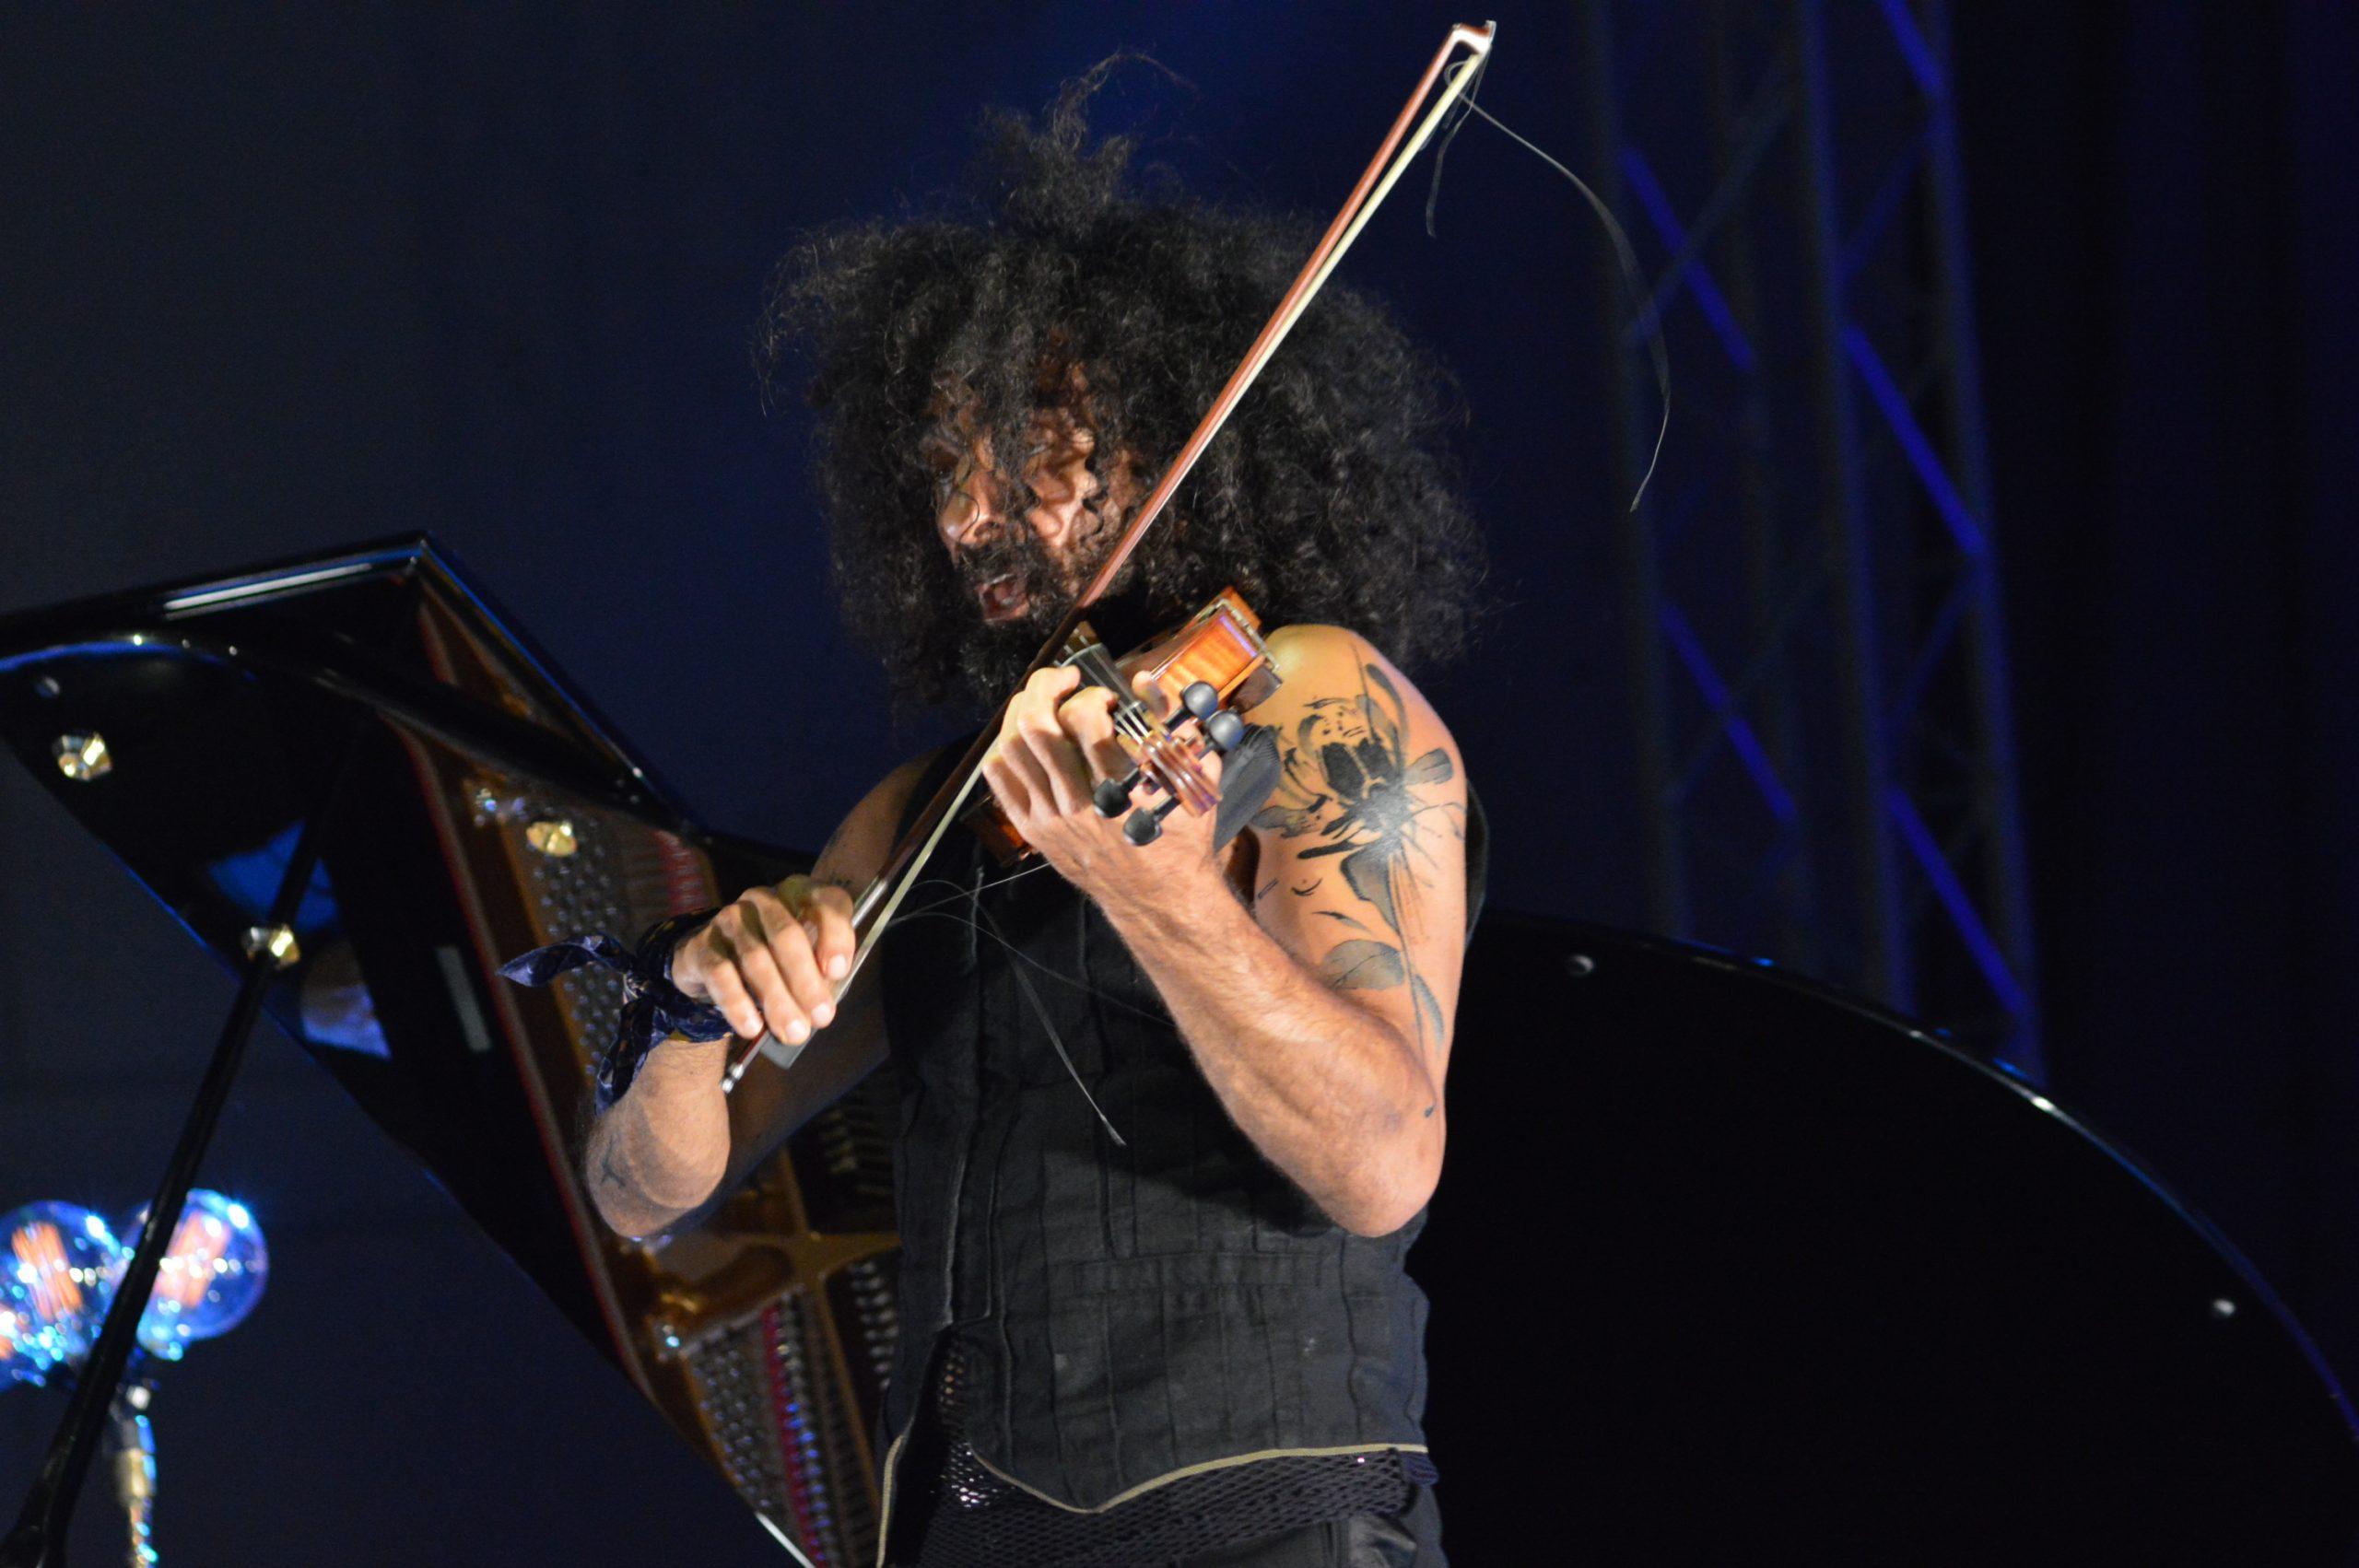 Ara Malikian emociona en su regreso a Ponferrada demostrando una vez más su virtuosismo con el violín 35